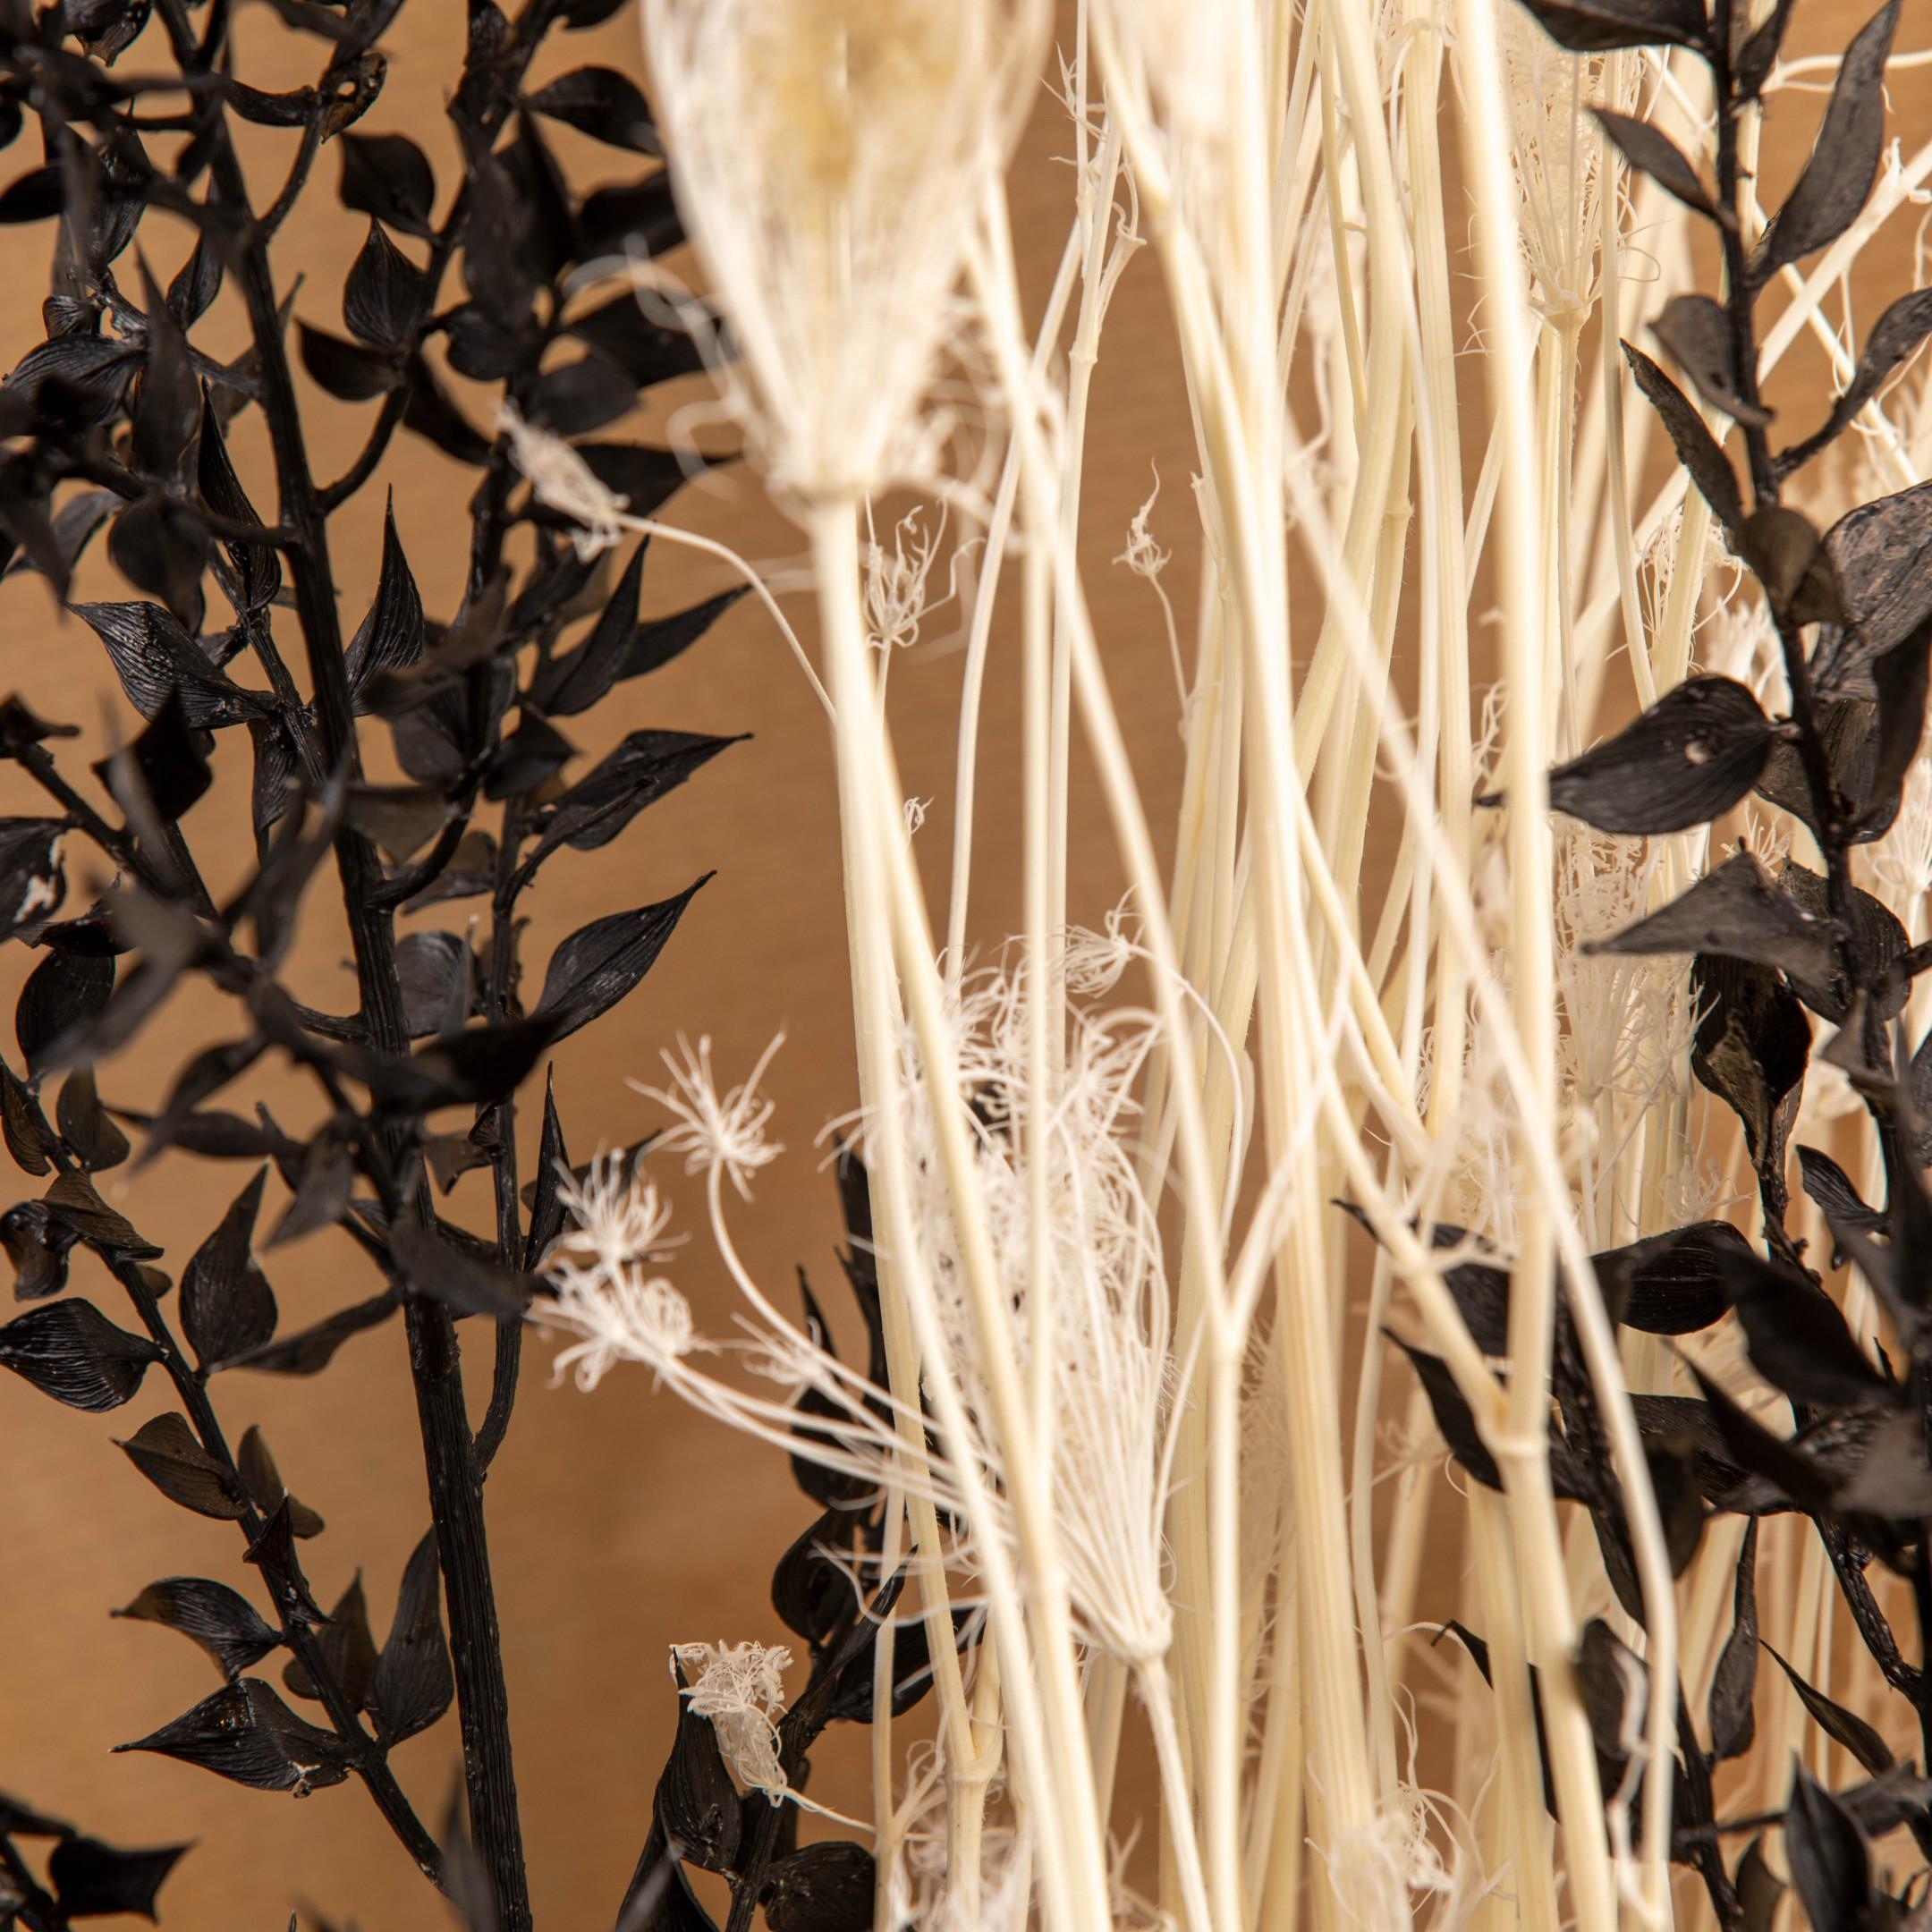 Trockenblumenbund black & white Bild 2